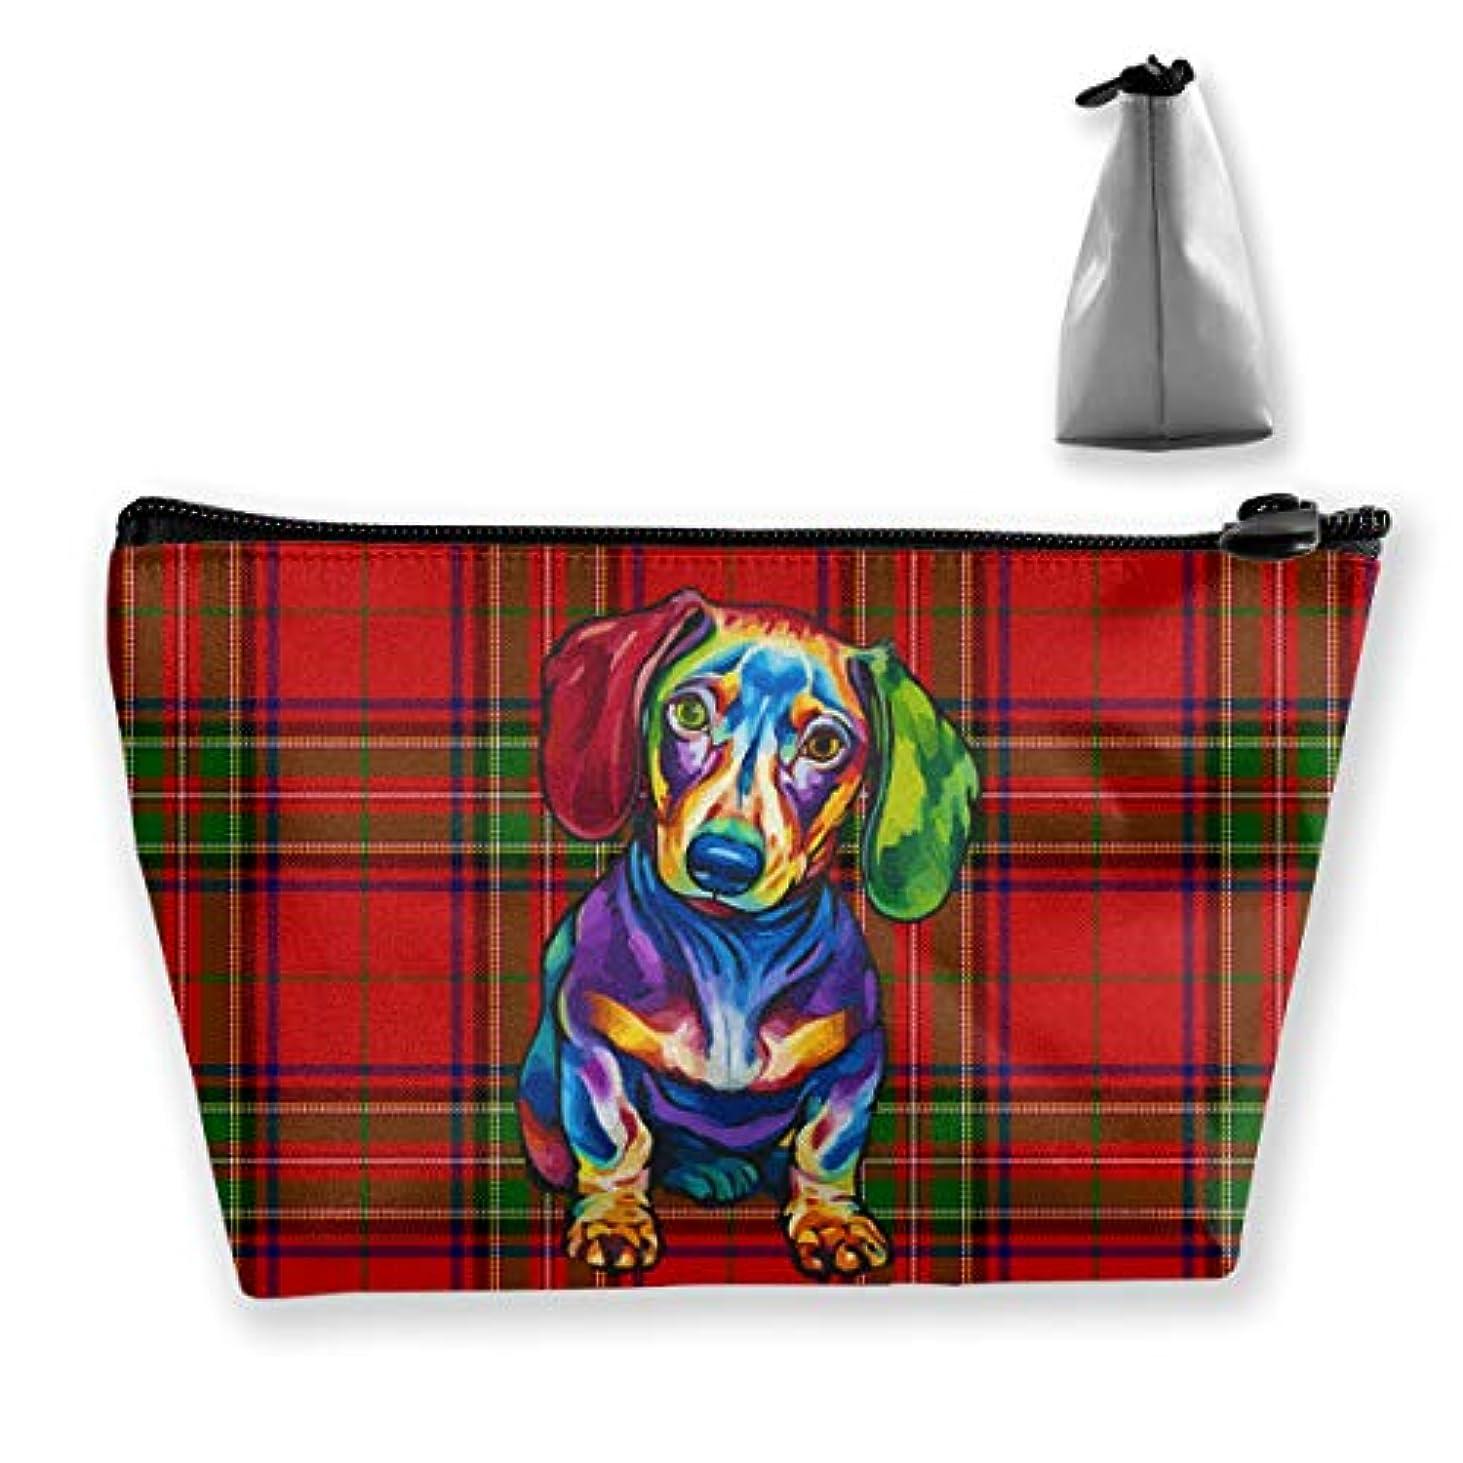 排気魚スカルクSzsgqkj 赤いスコットランドの柄 猟腸犬 化粧品袋の携帯用旅行構造の袋の洗面用品の主催者